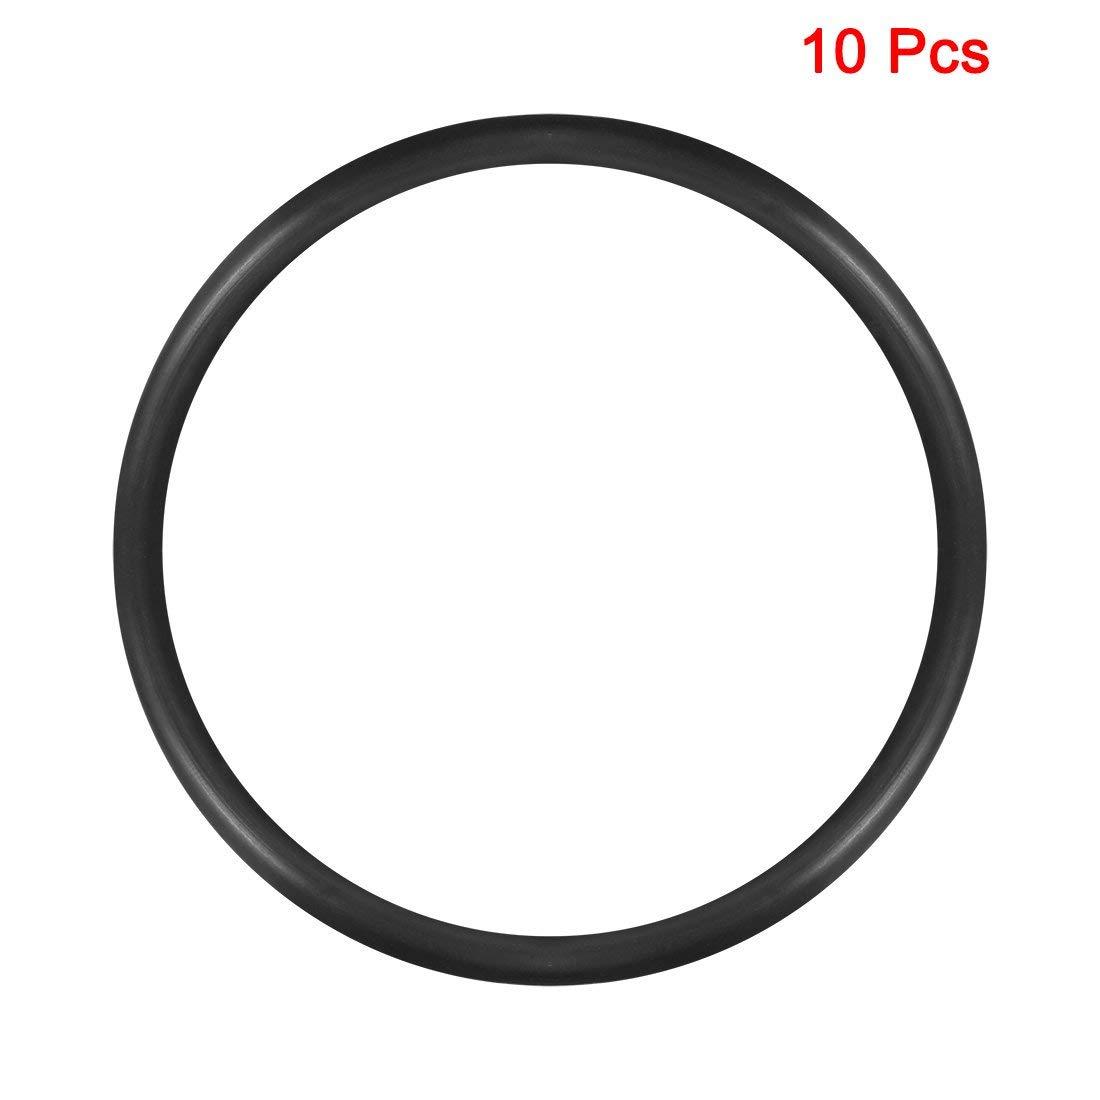 10 St/ück Nitrilgummi O-Ring Innendurchmesser 90 mm Au/ßendurchmesser 100 mm Breite 5 mm Dichtungsring rund